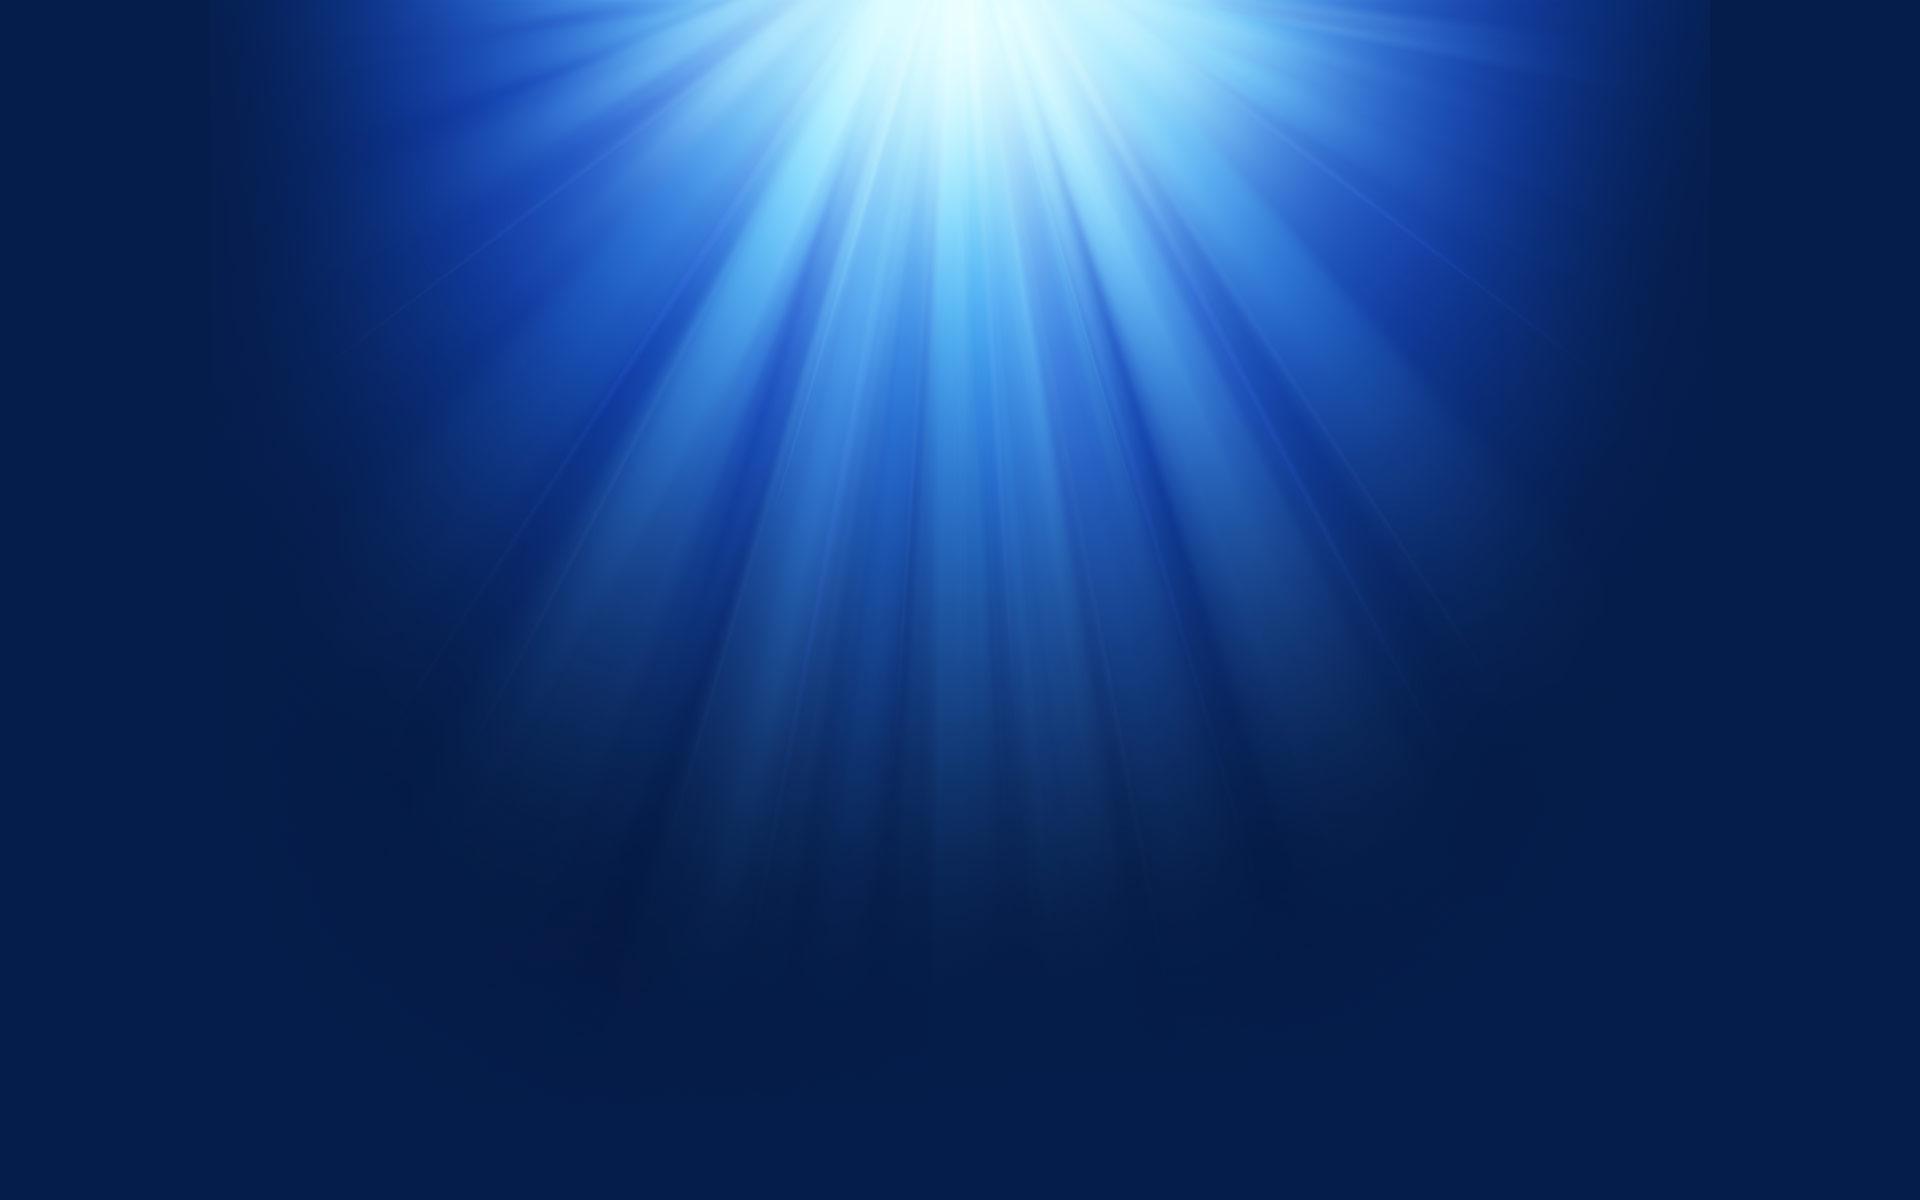 comwp contentuploads201304blue rays backgroundjpg 1920x1200